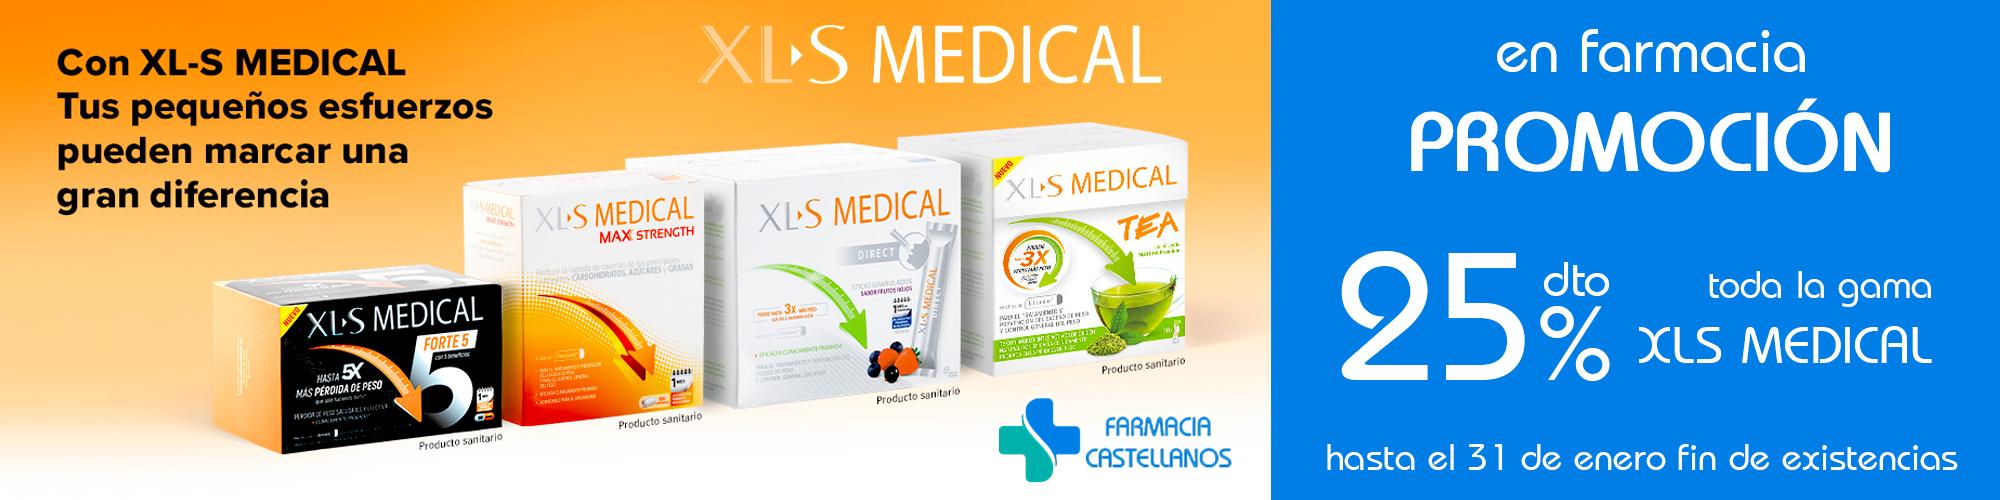 promocion-xls-medical-farmaciabeatrizcastellanos